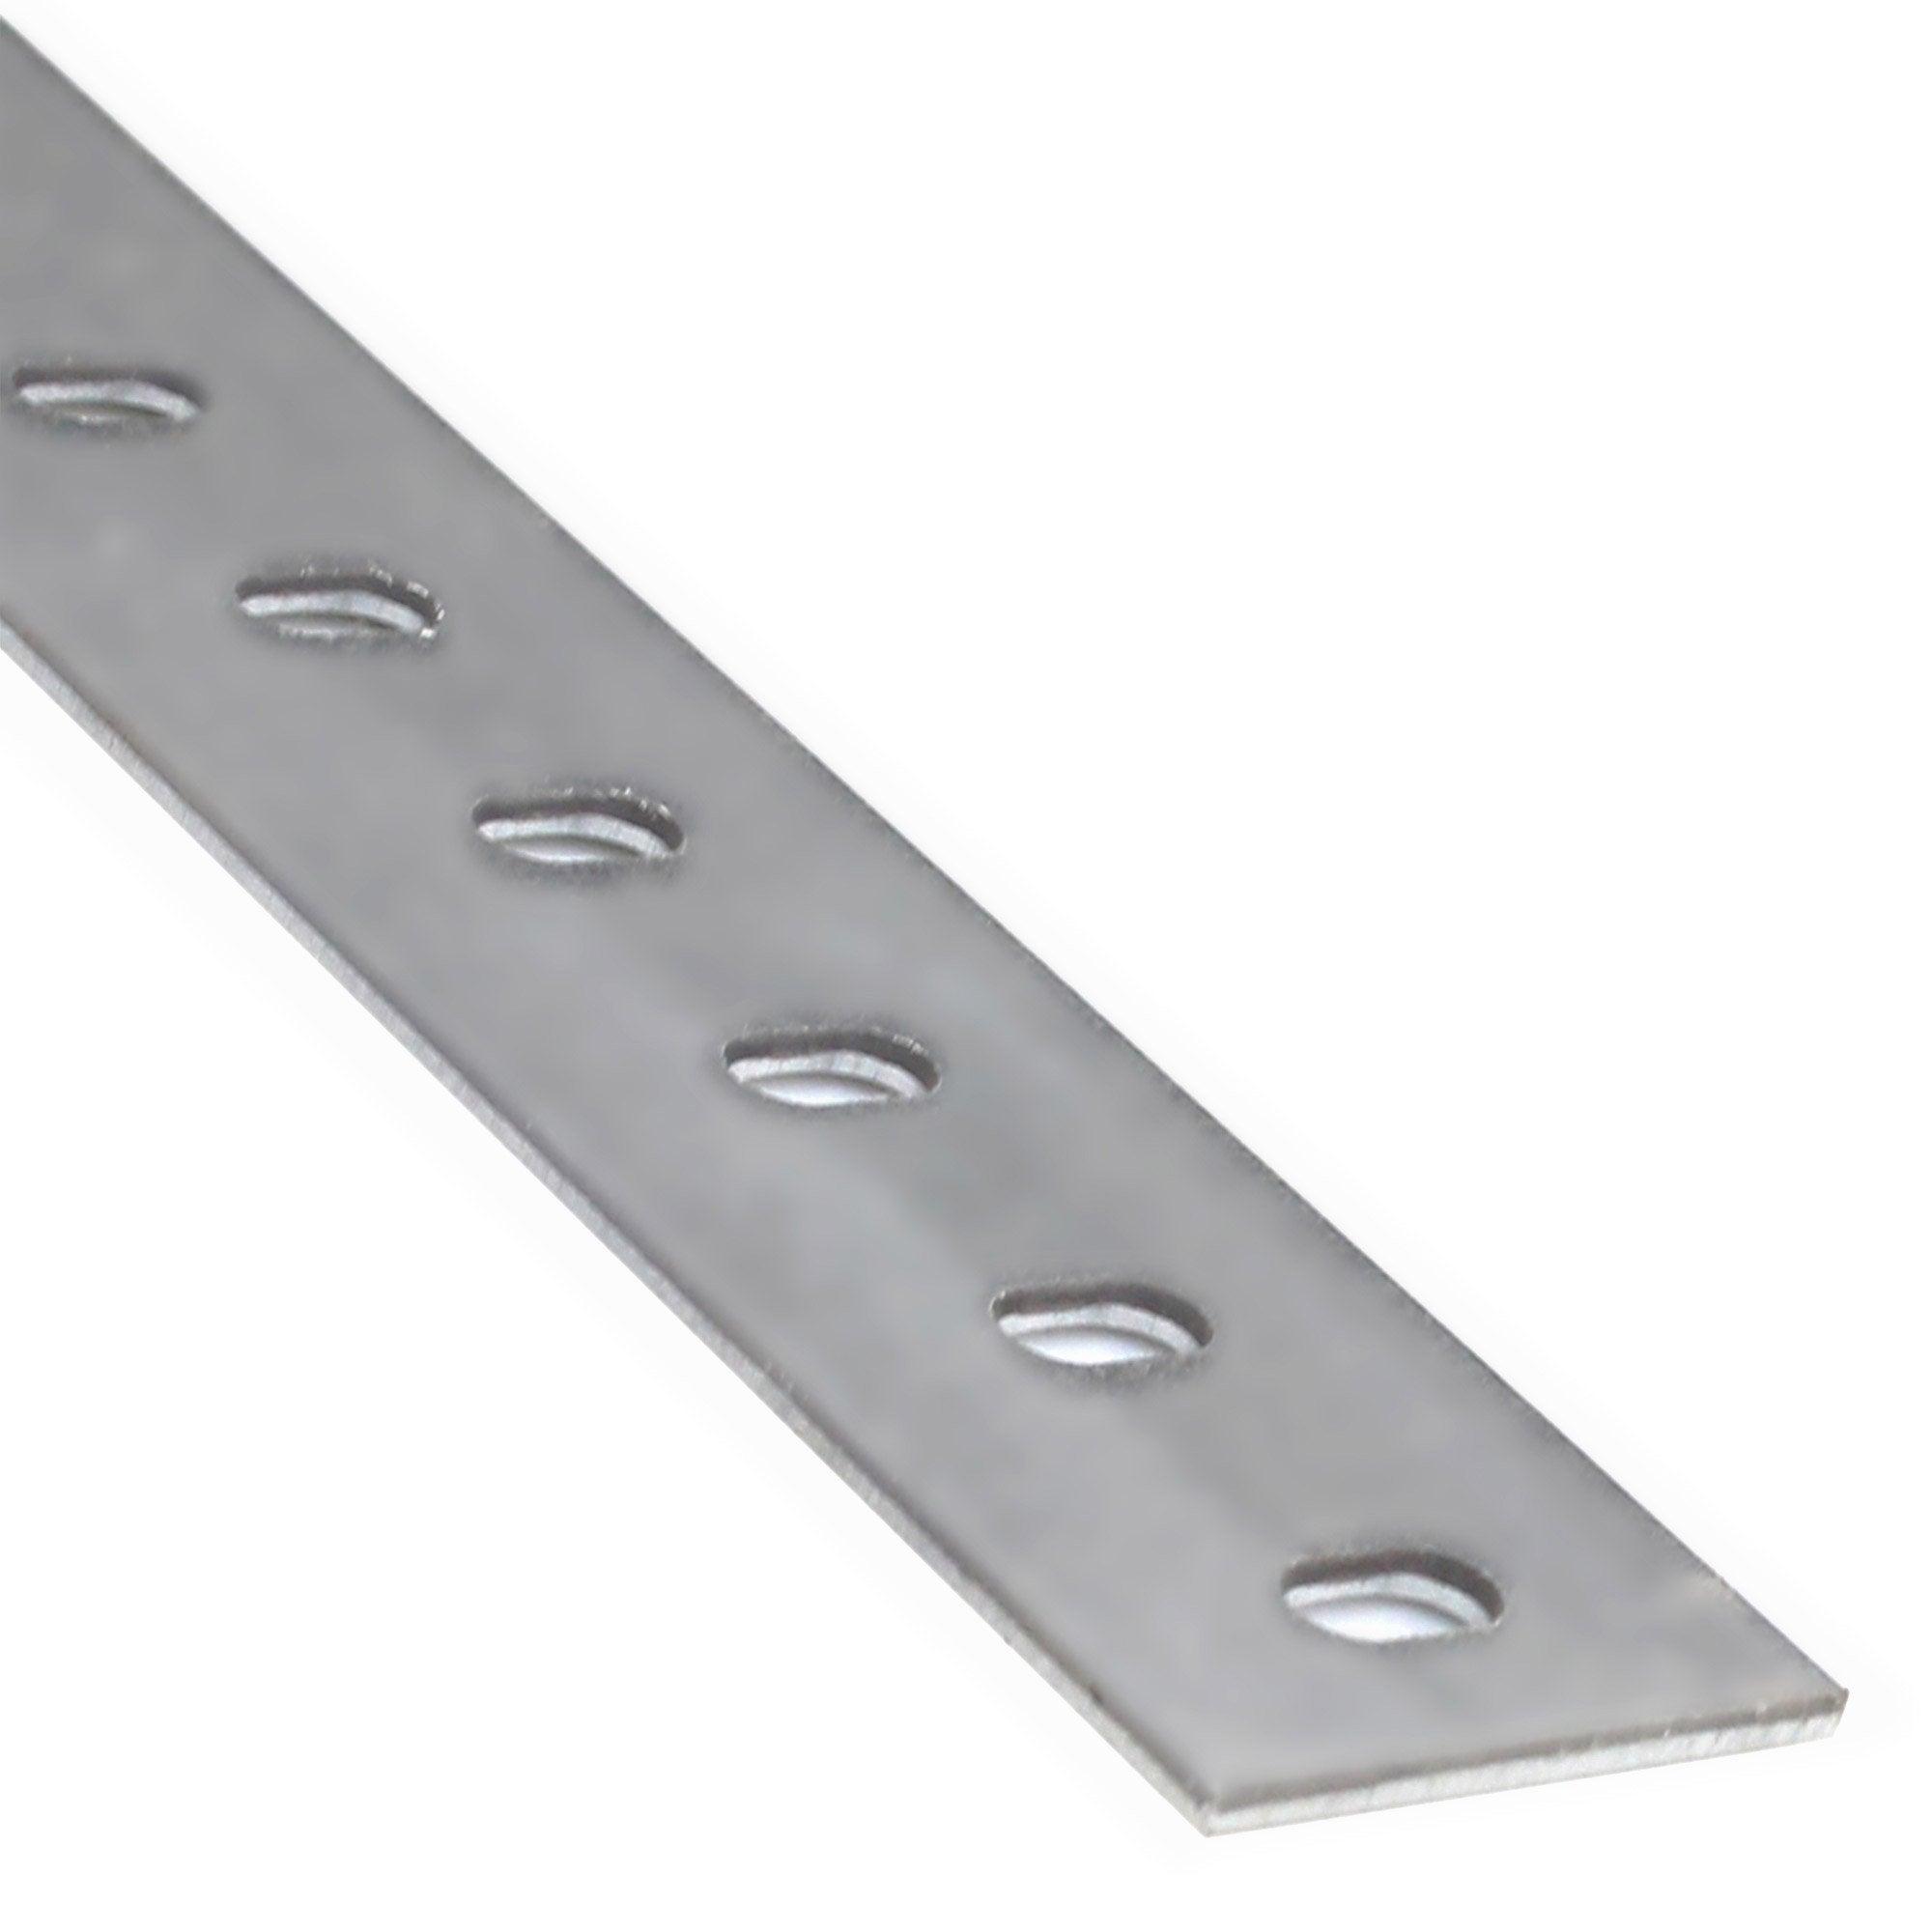 Plat Aluminium Brut Argent Perforé L26 M X L22 Cm X H02 Cm